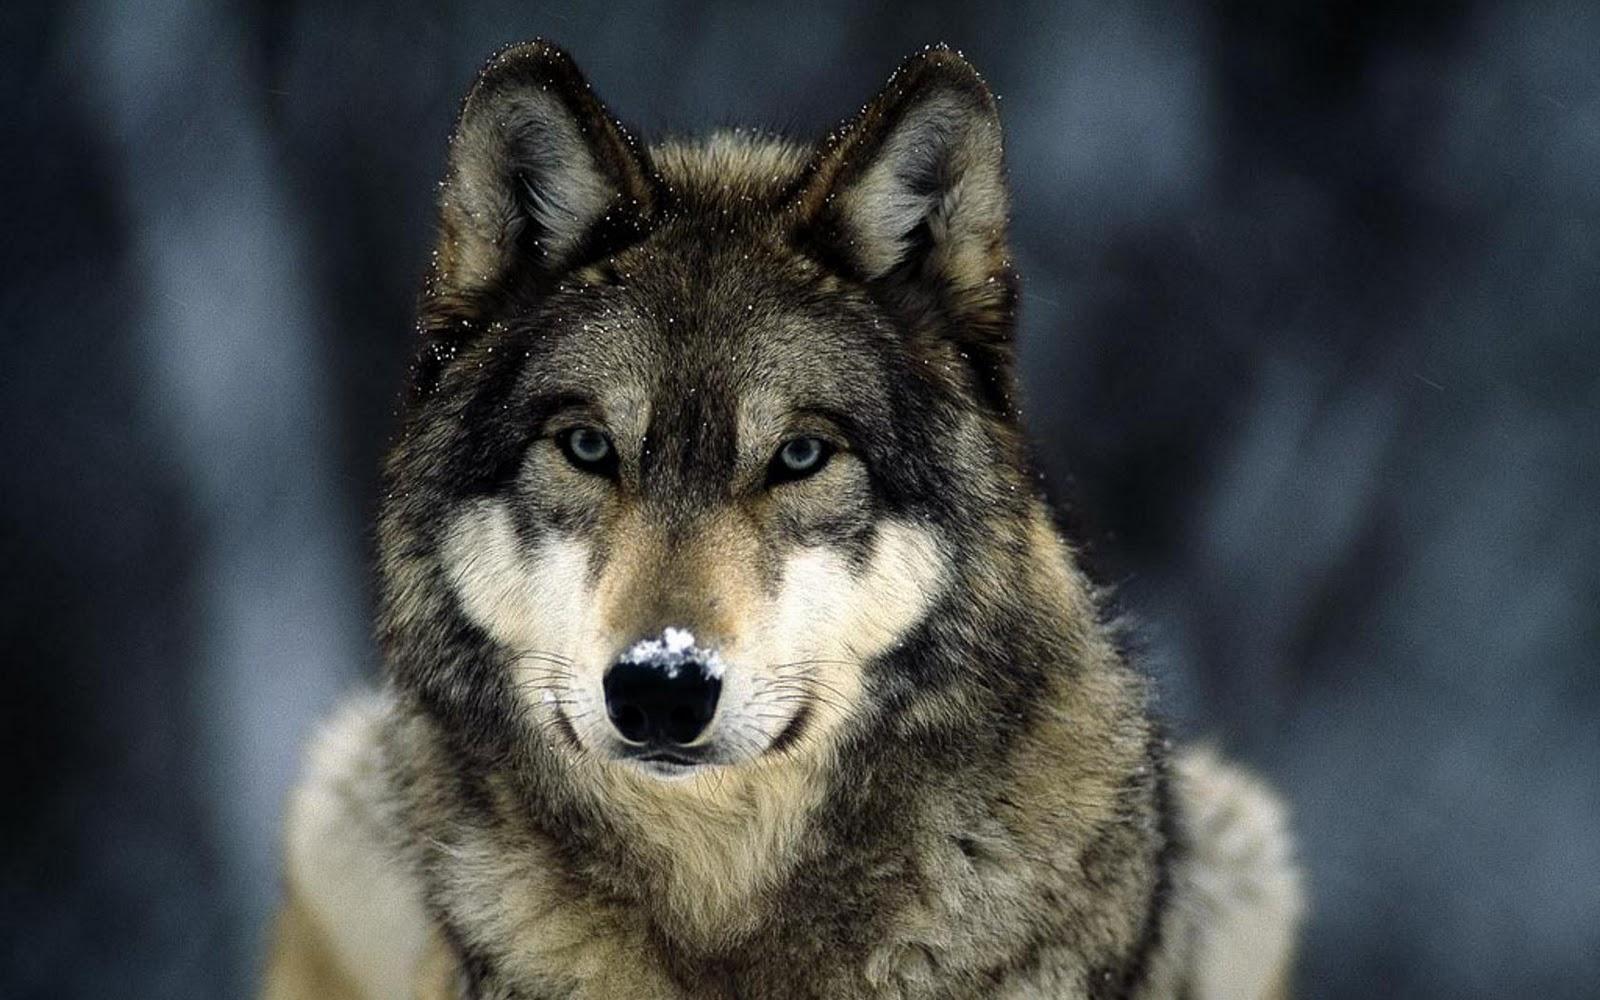 lgxjS2W9GA8s1600grey wolf snow grey wolf snow 1680x1050jpg 1600x1000